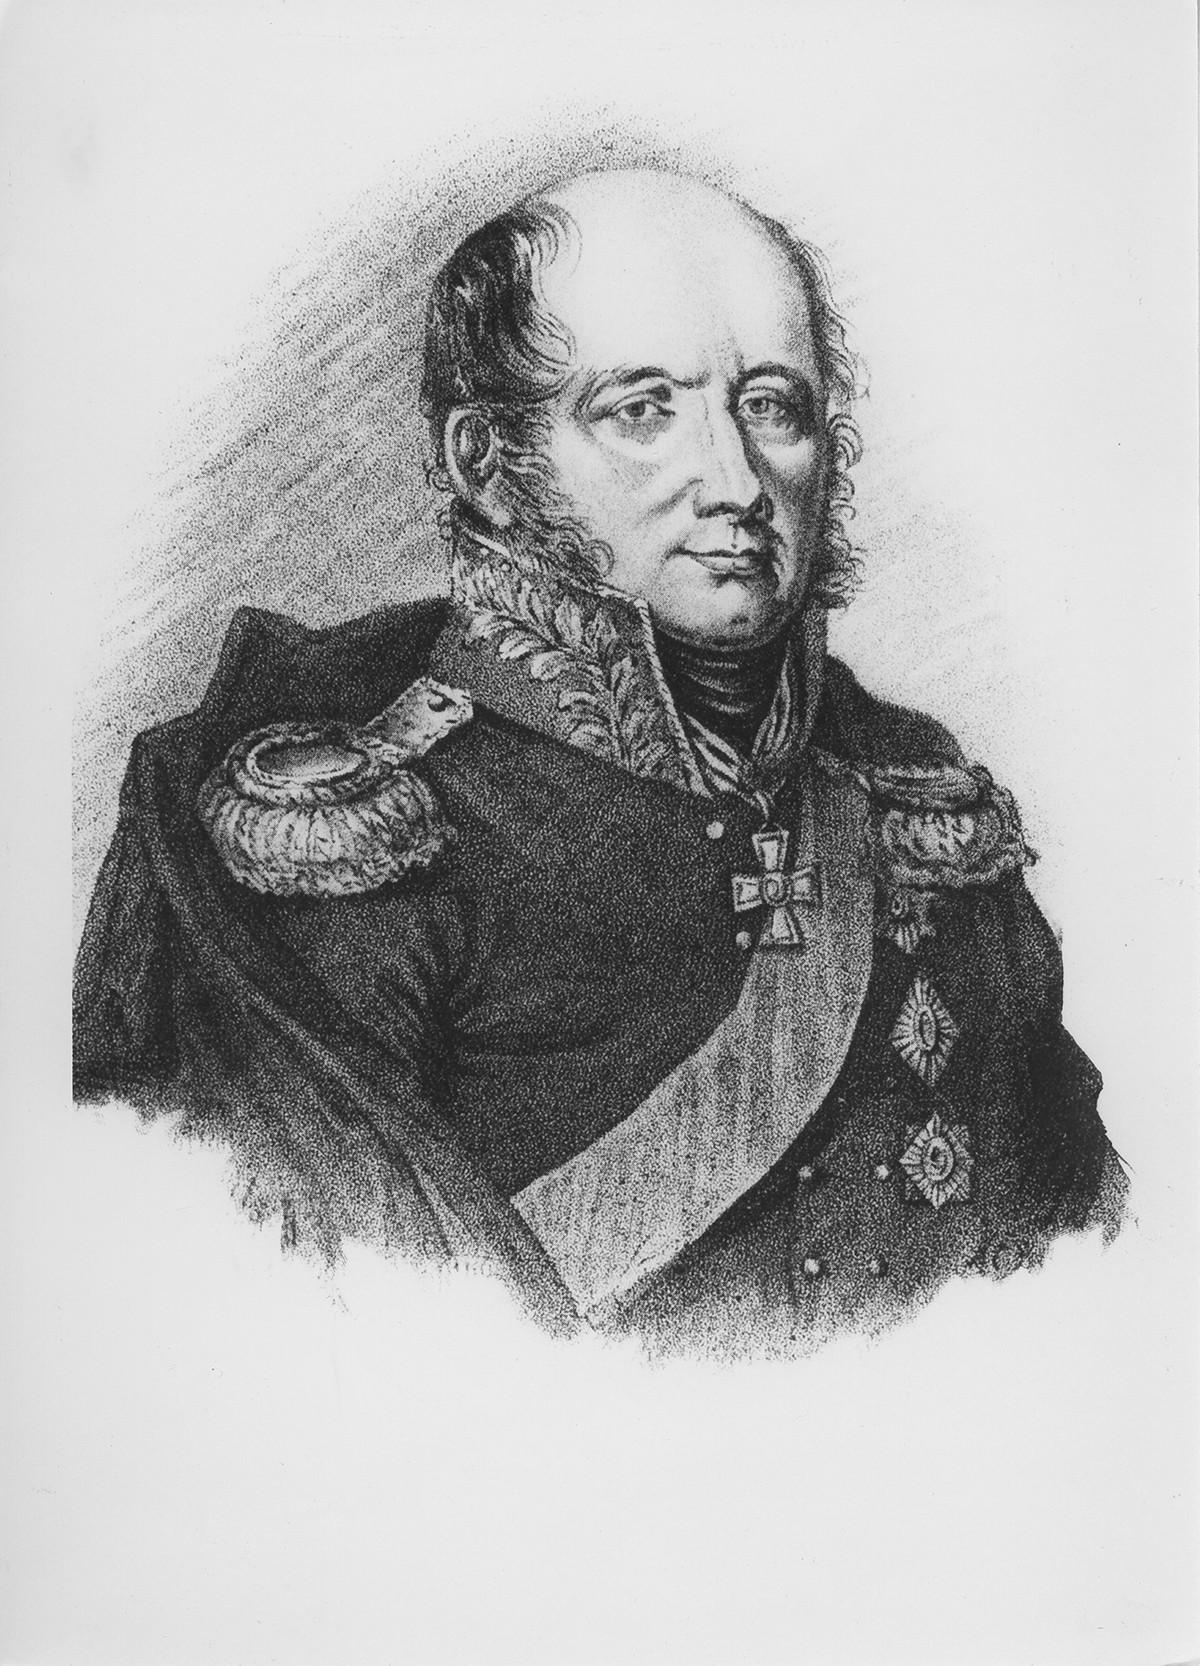 Michael Andreas Barclay de Tolly